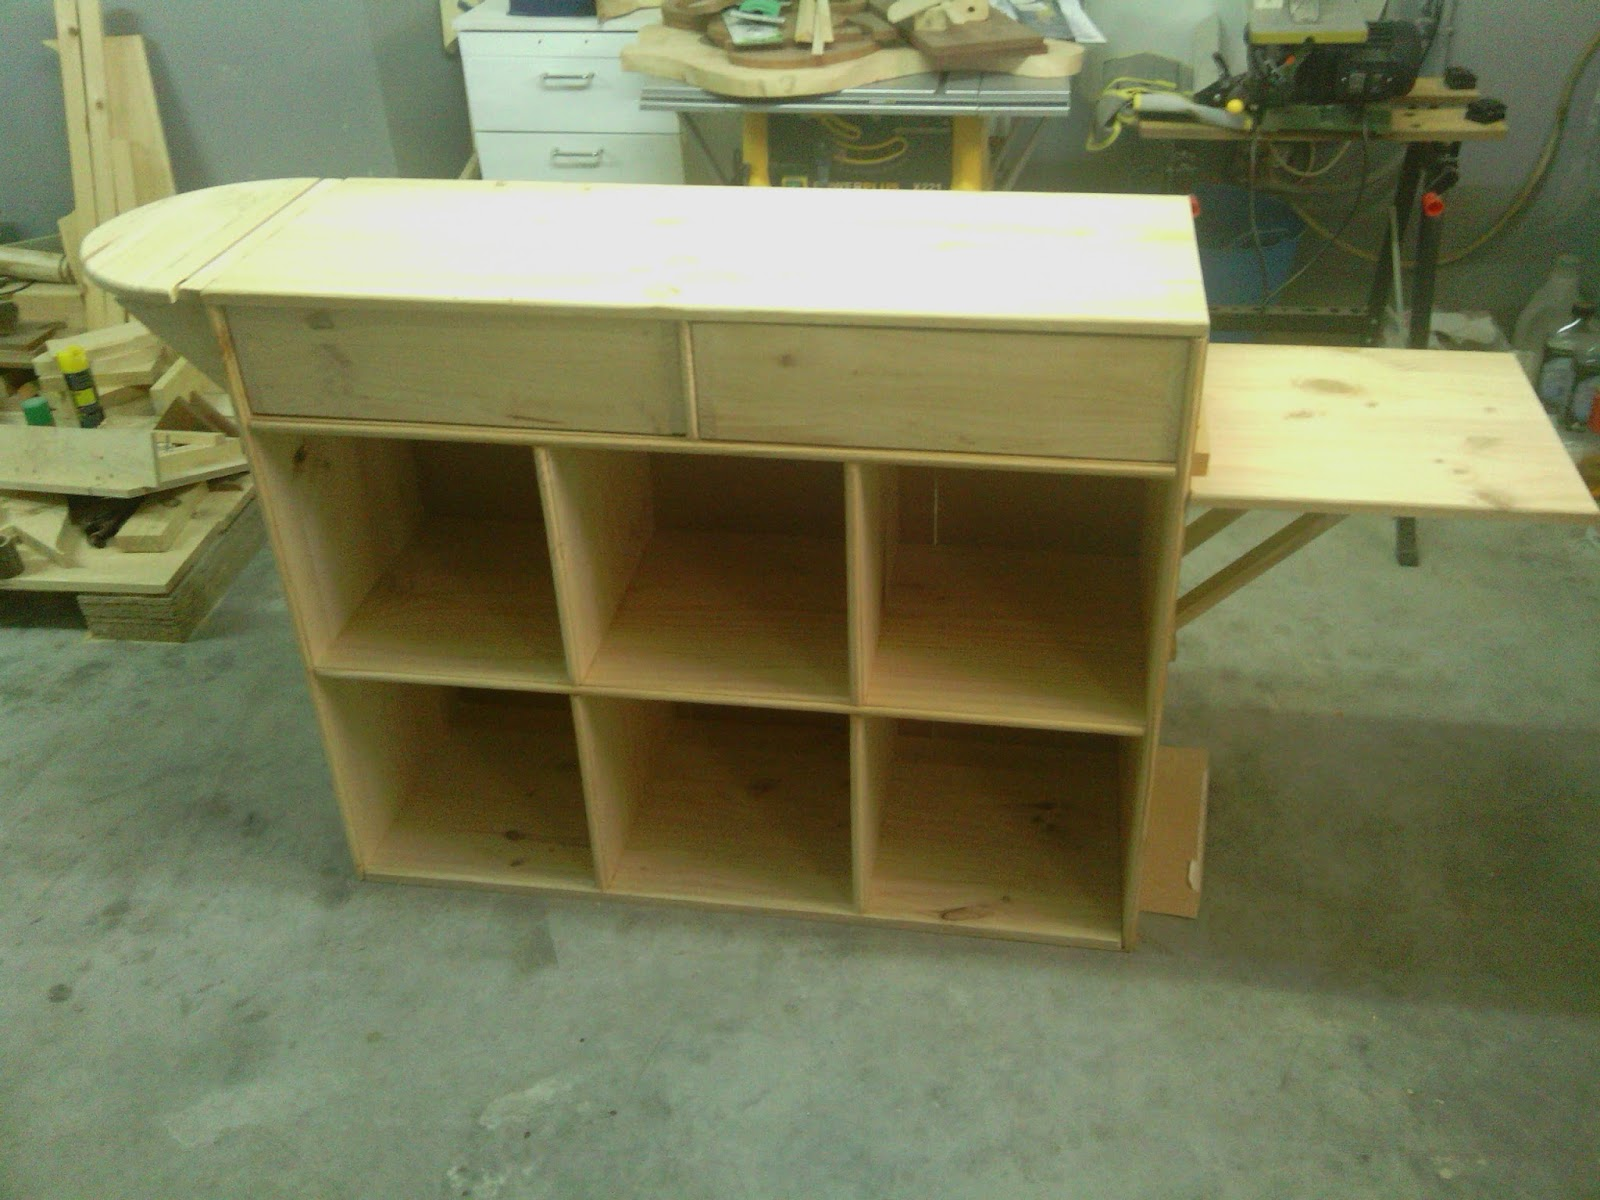 Armarios con tabla de planchar incorporada trendy mueble for Mueble planchador ikea